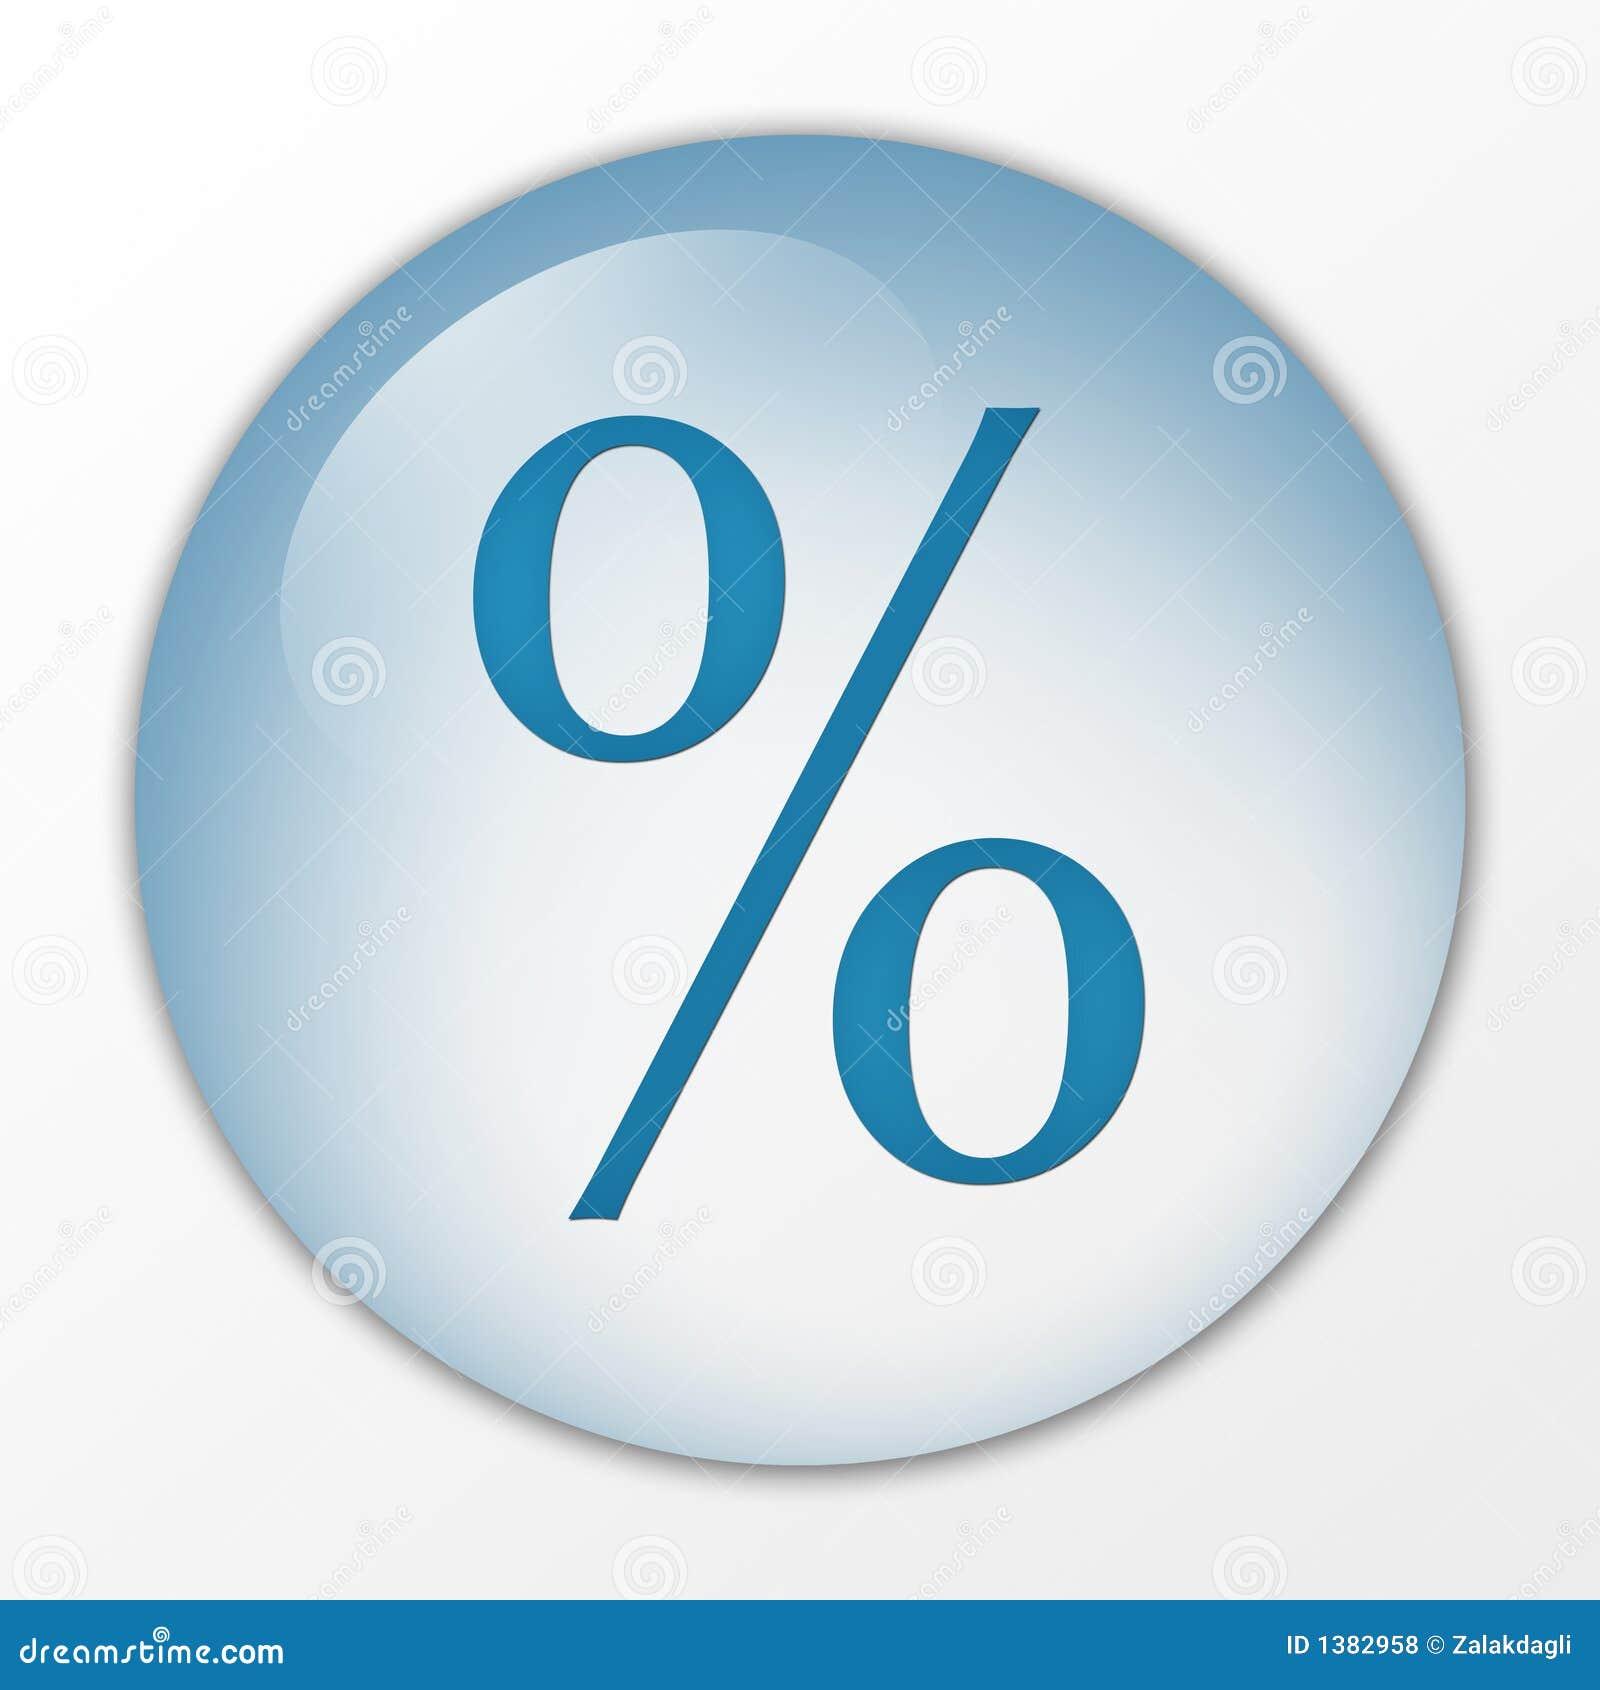 Porcentagem, por cento, engodo, tecla do Web, placa, açambarcamento, tecla, interruptor, símbolo, sinal, logotipo